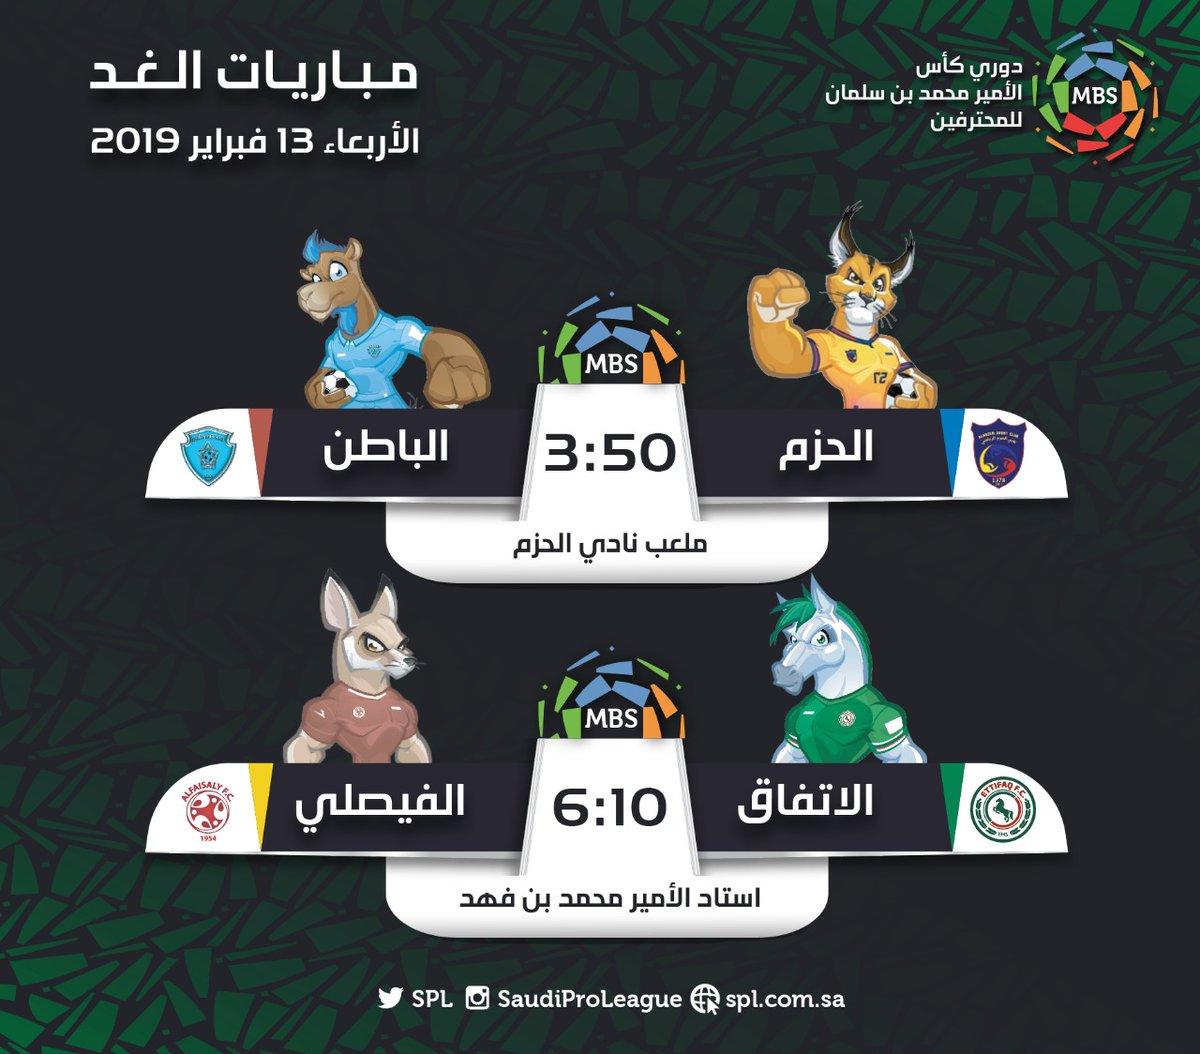 لجنة الانضباط تعلن رفض احتجاج القادسية على النصر بخصوص مشاركة اللاعب سلطان الغنام